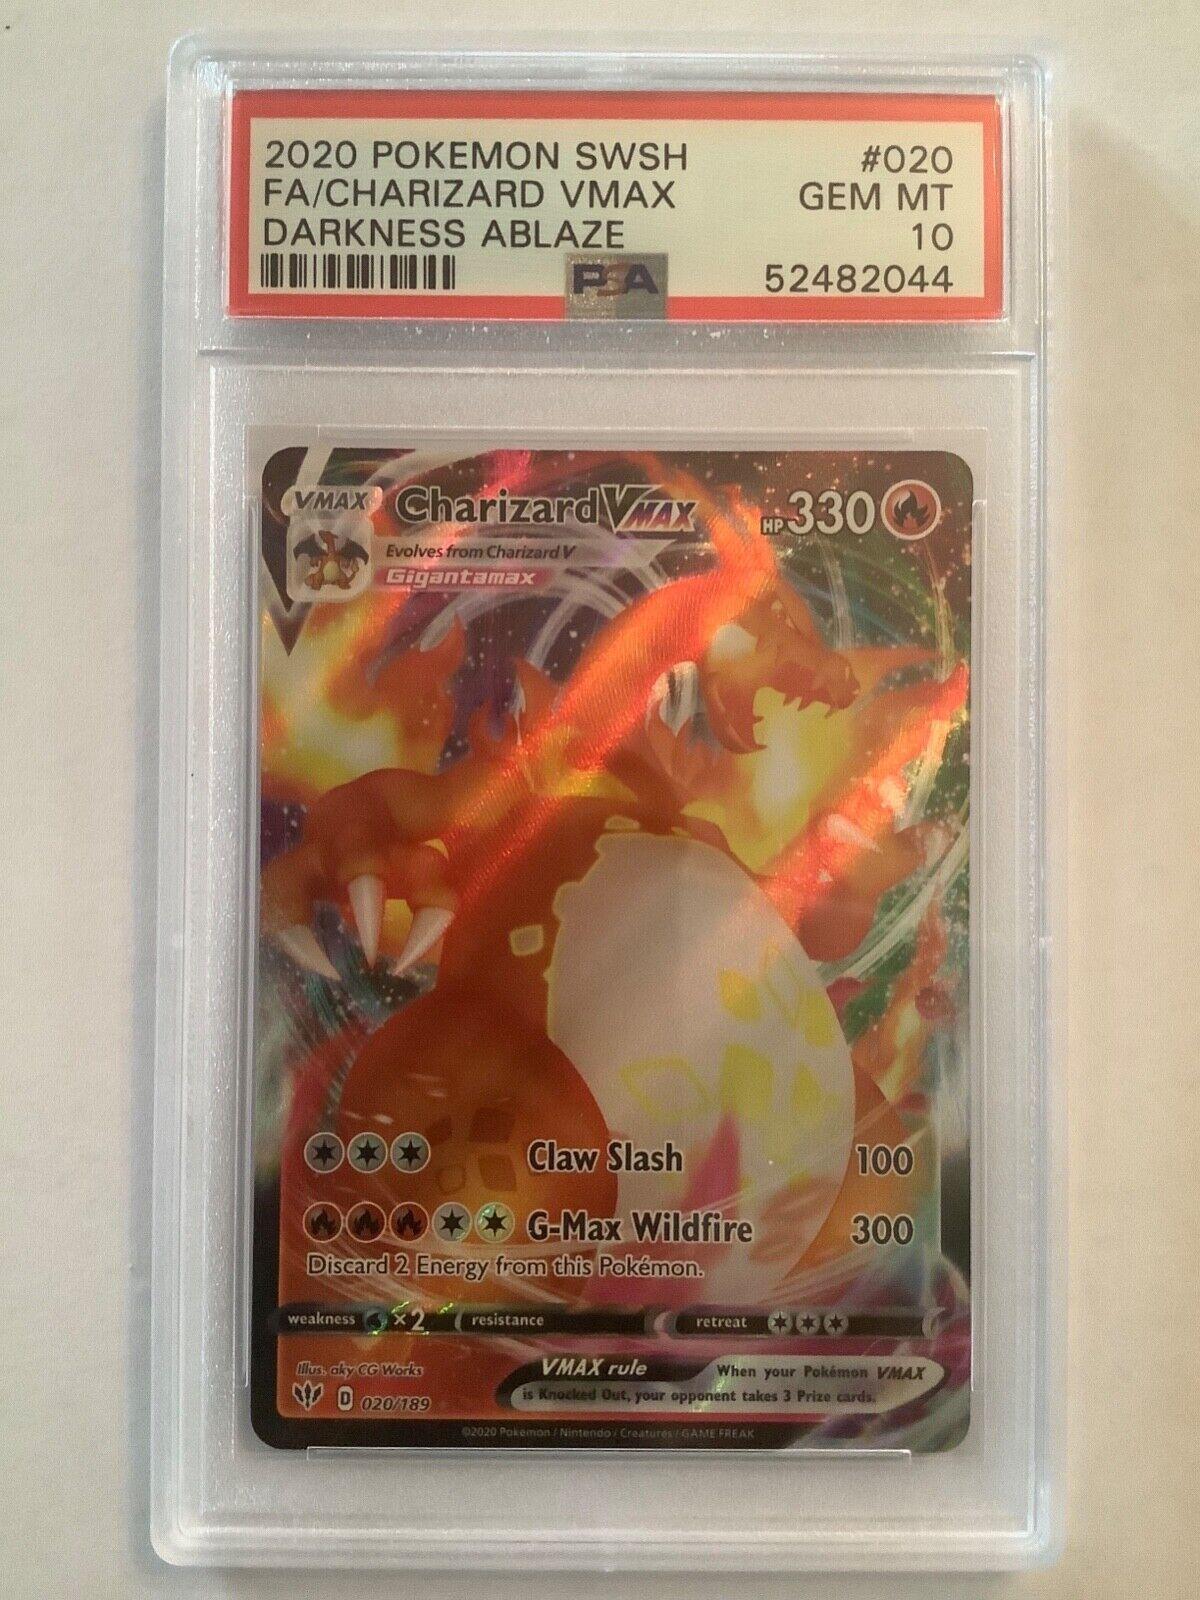 PSA 10 Pokemon 2020 Darkness Ablaze Holo Rare Full Art Charizard VMAX 020/189 20 - $349.99